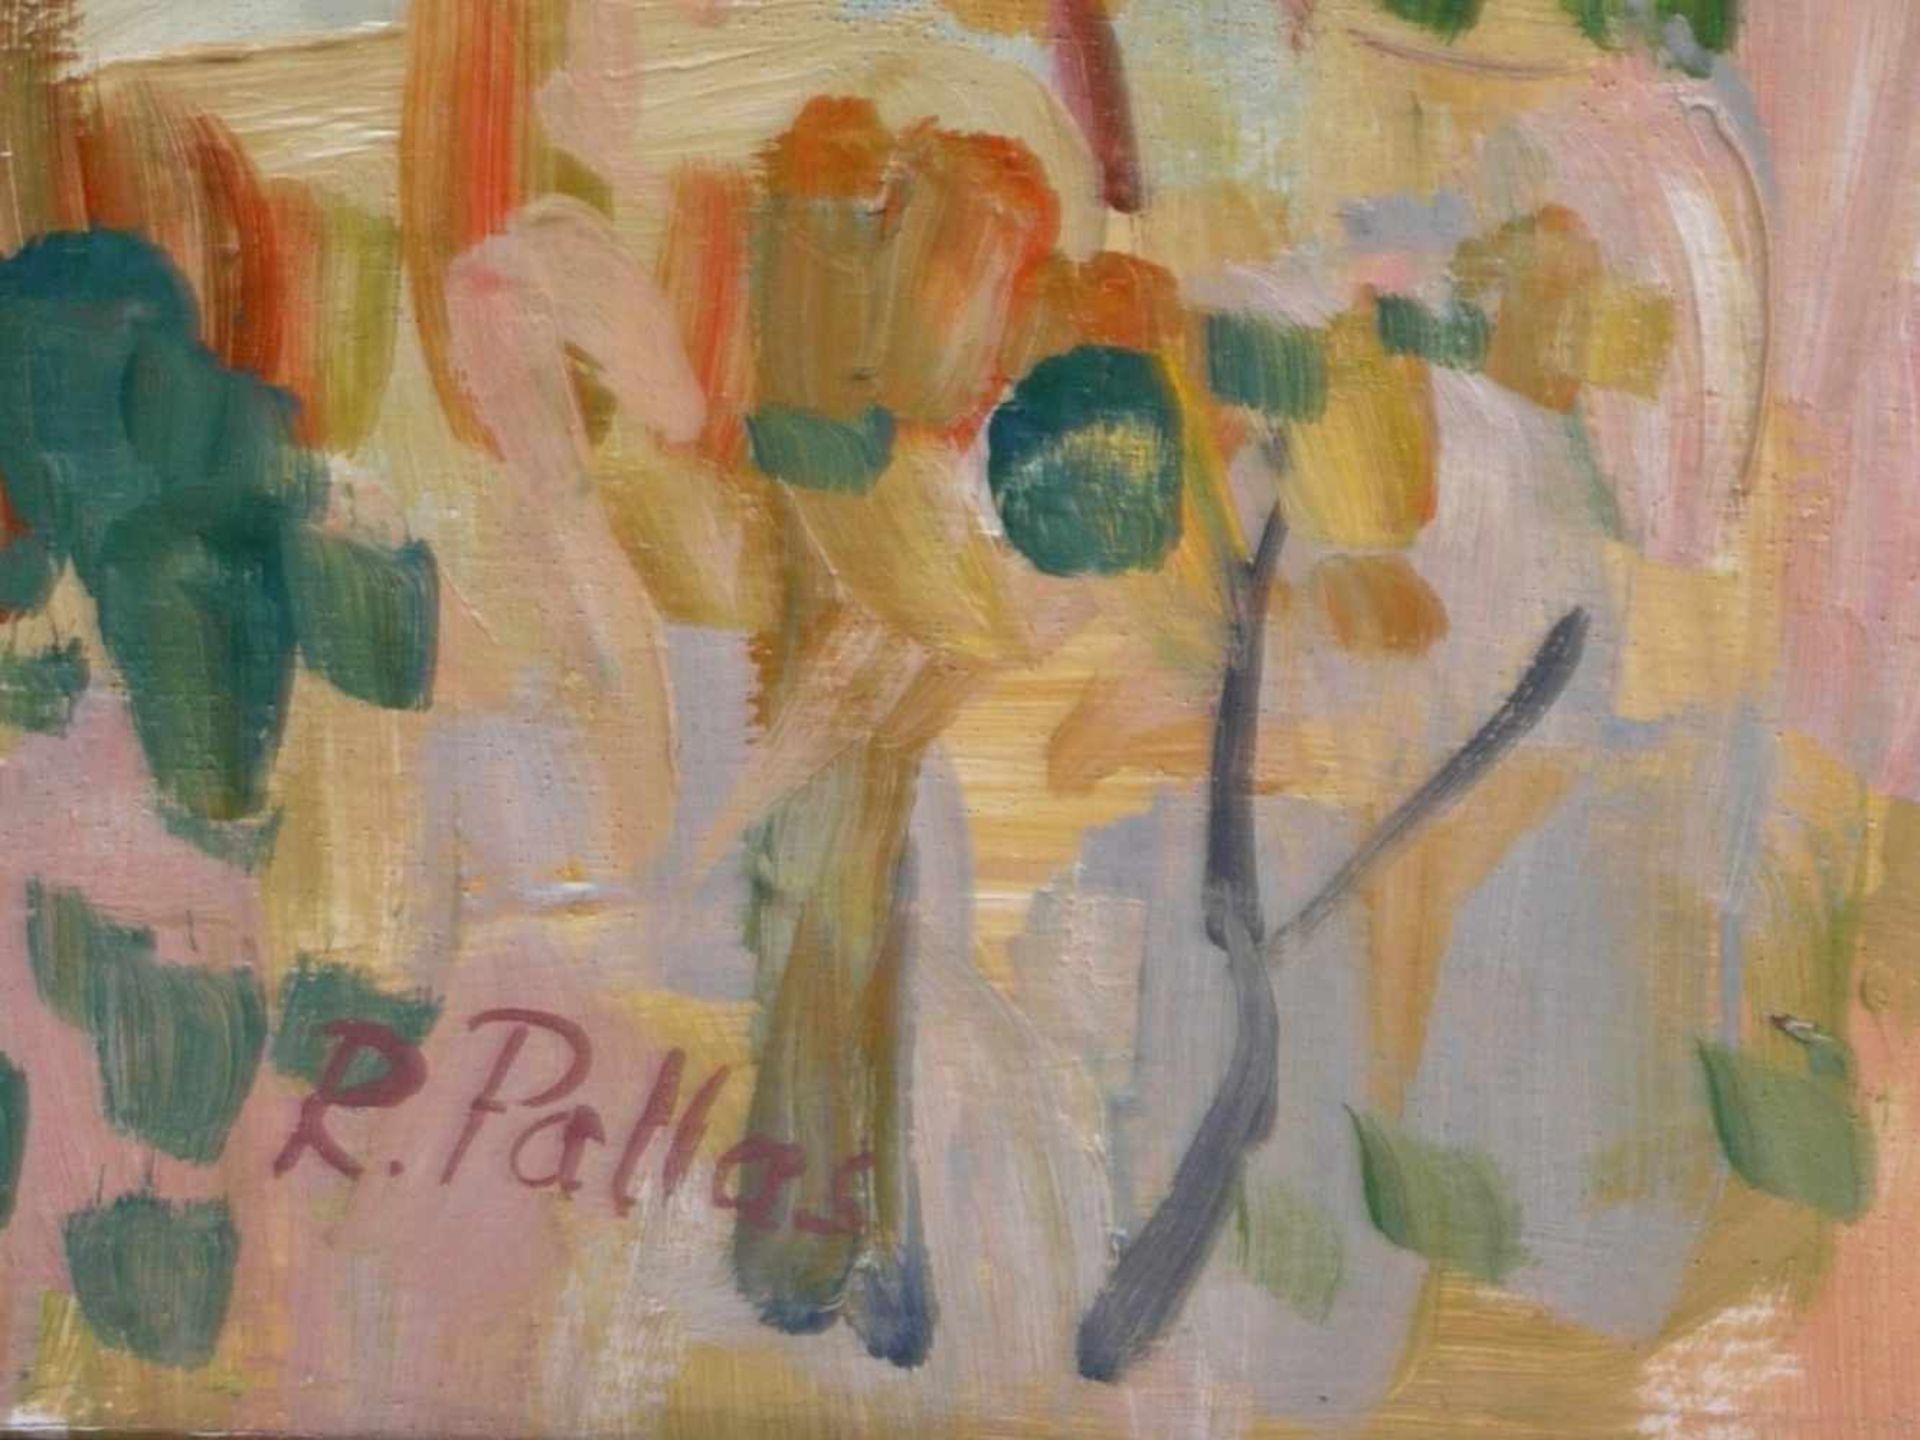 Pallas, Reinhold (1901-1970) - Bei ArezzoMediterrane Landschaft in der typischen Manier des - Bild 2 aus 3